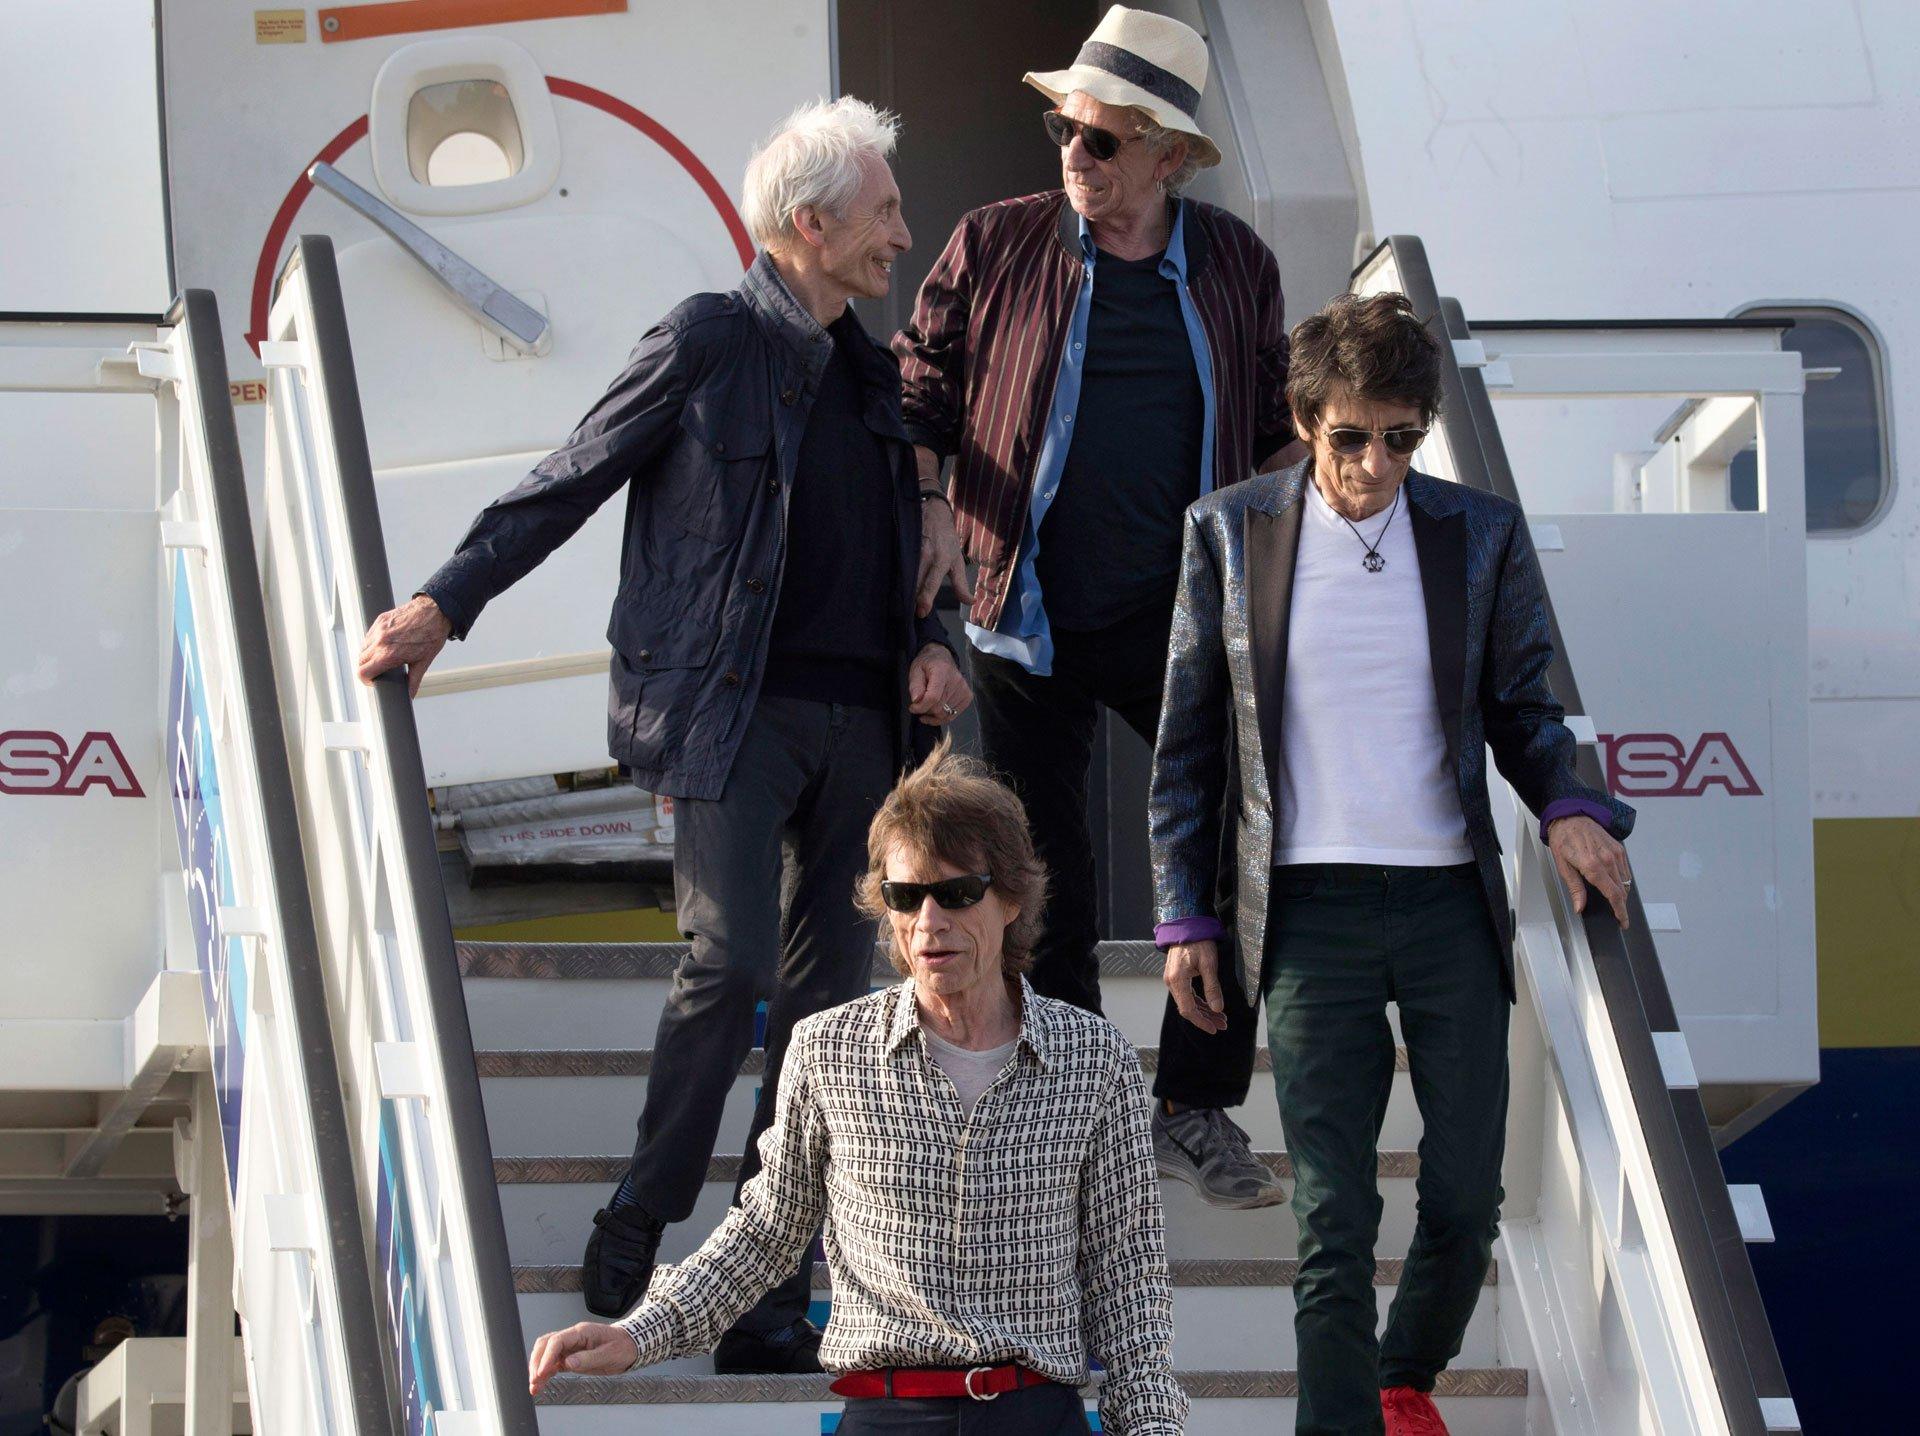 El propio Mick Jagger dio un pequeño saludo en español a sus seguidores antes de expresar en inglés su deseo de visitar la isla